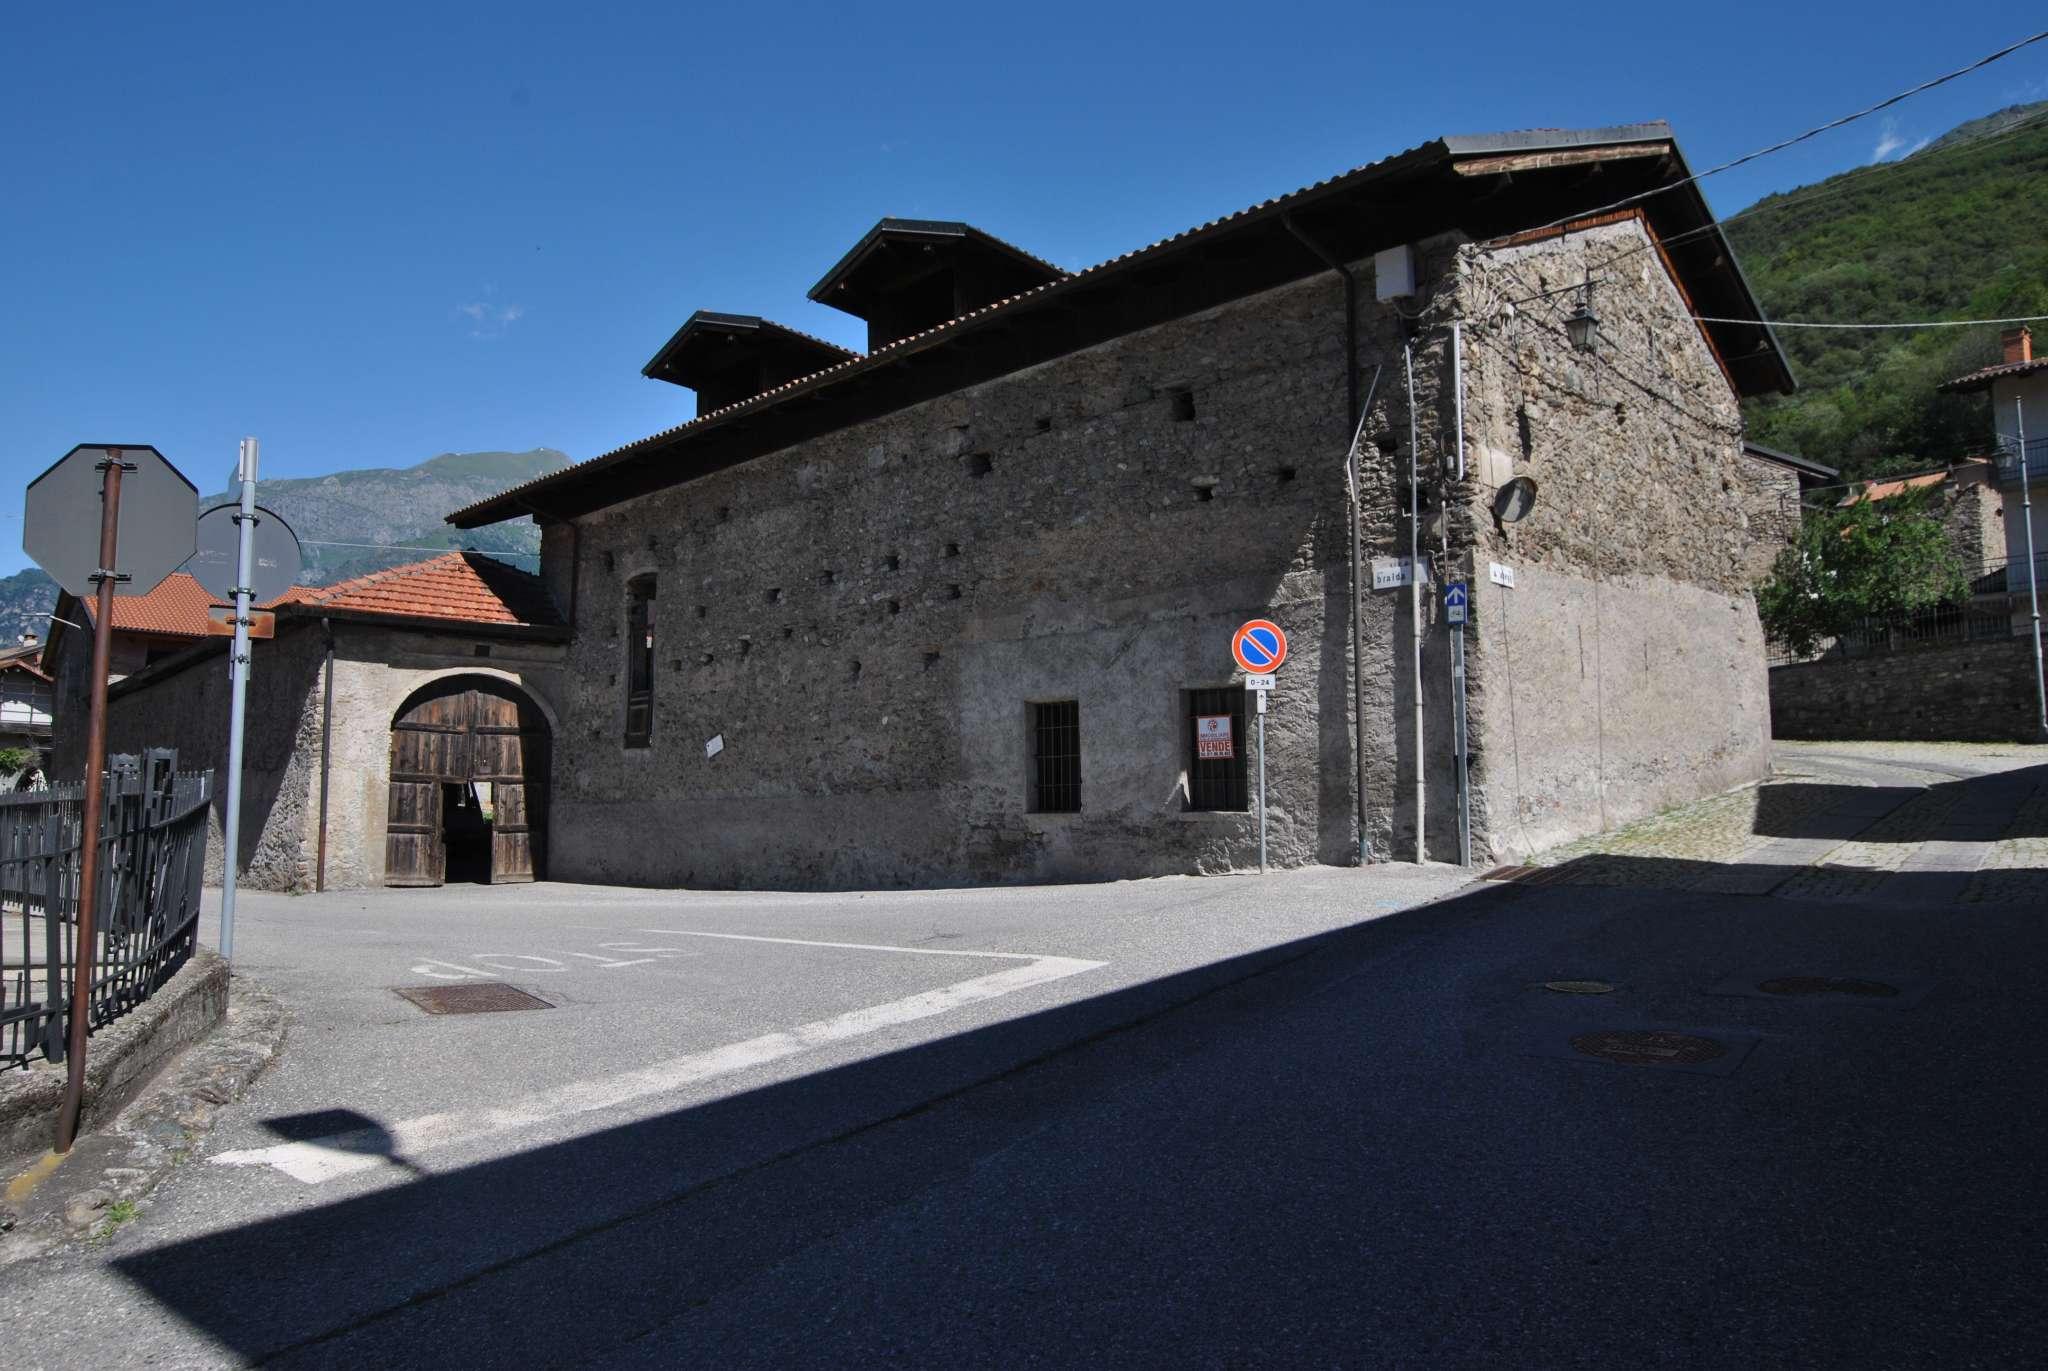 Rustico / Casale in vendita a San Didero, 2 locali, prezzo € 98.000 | PortaleAgenzieImmobiliari.it